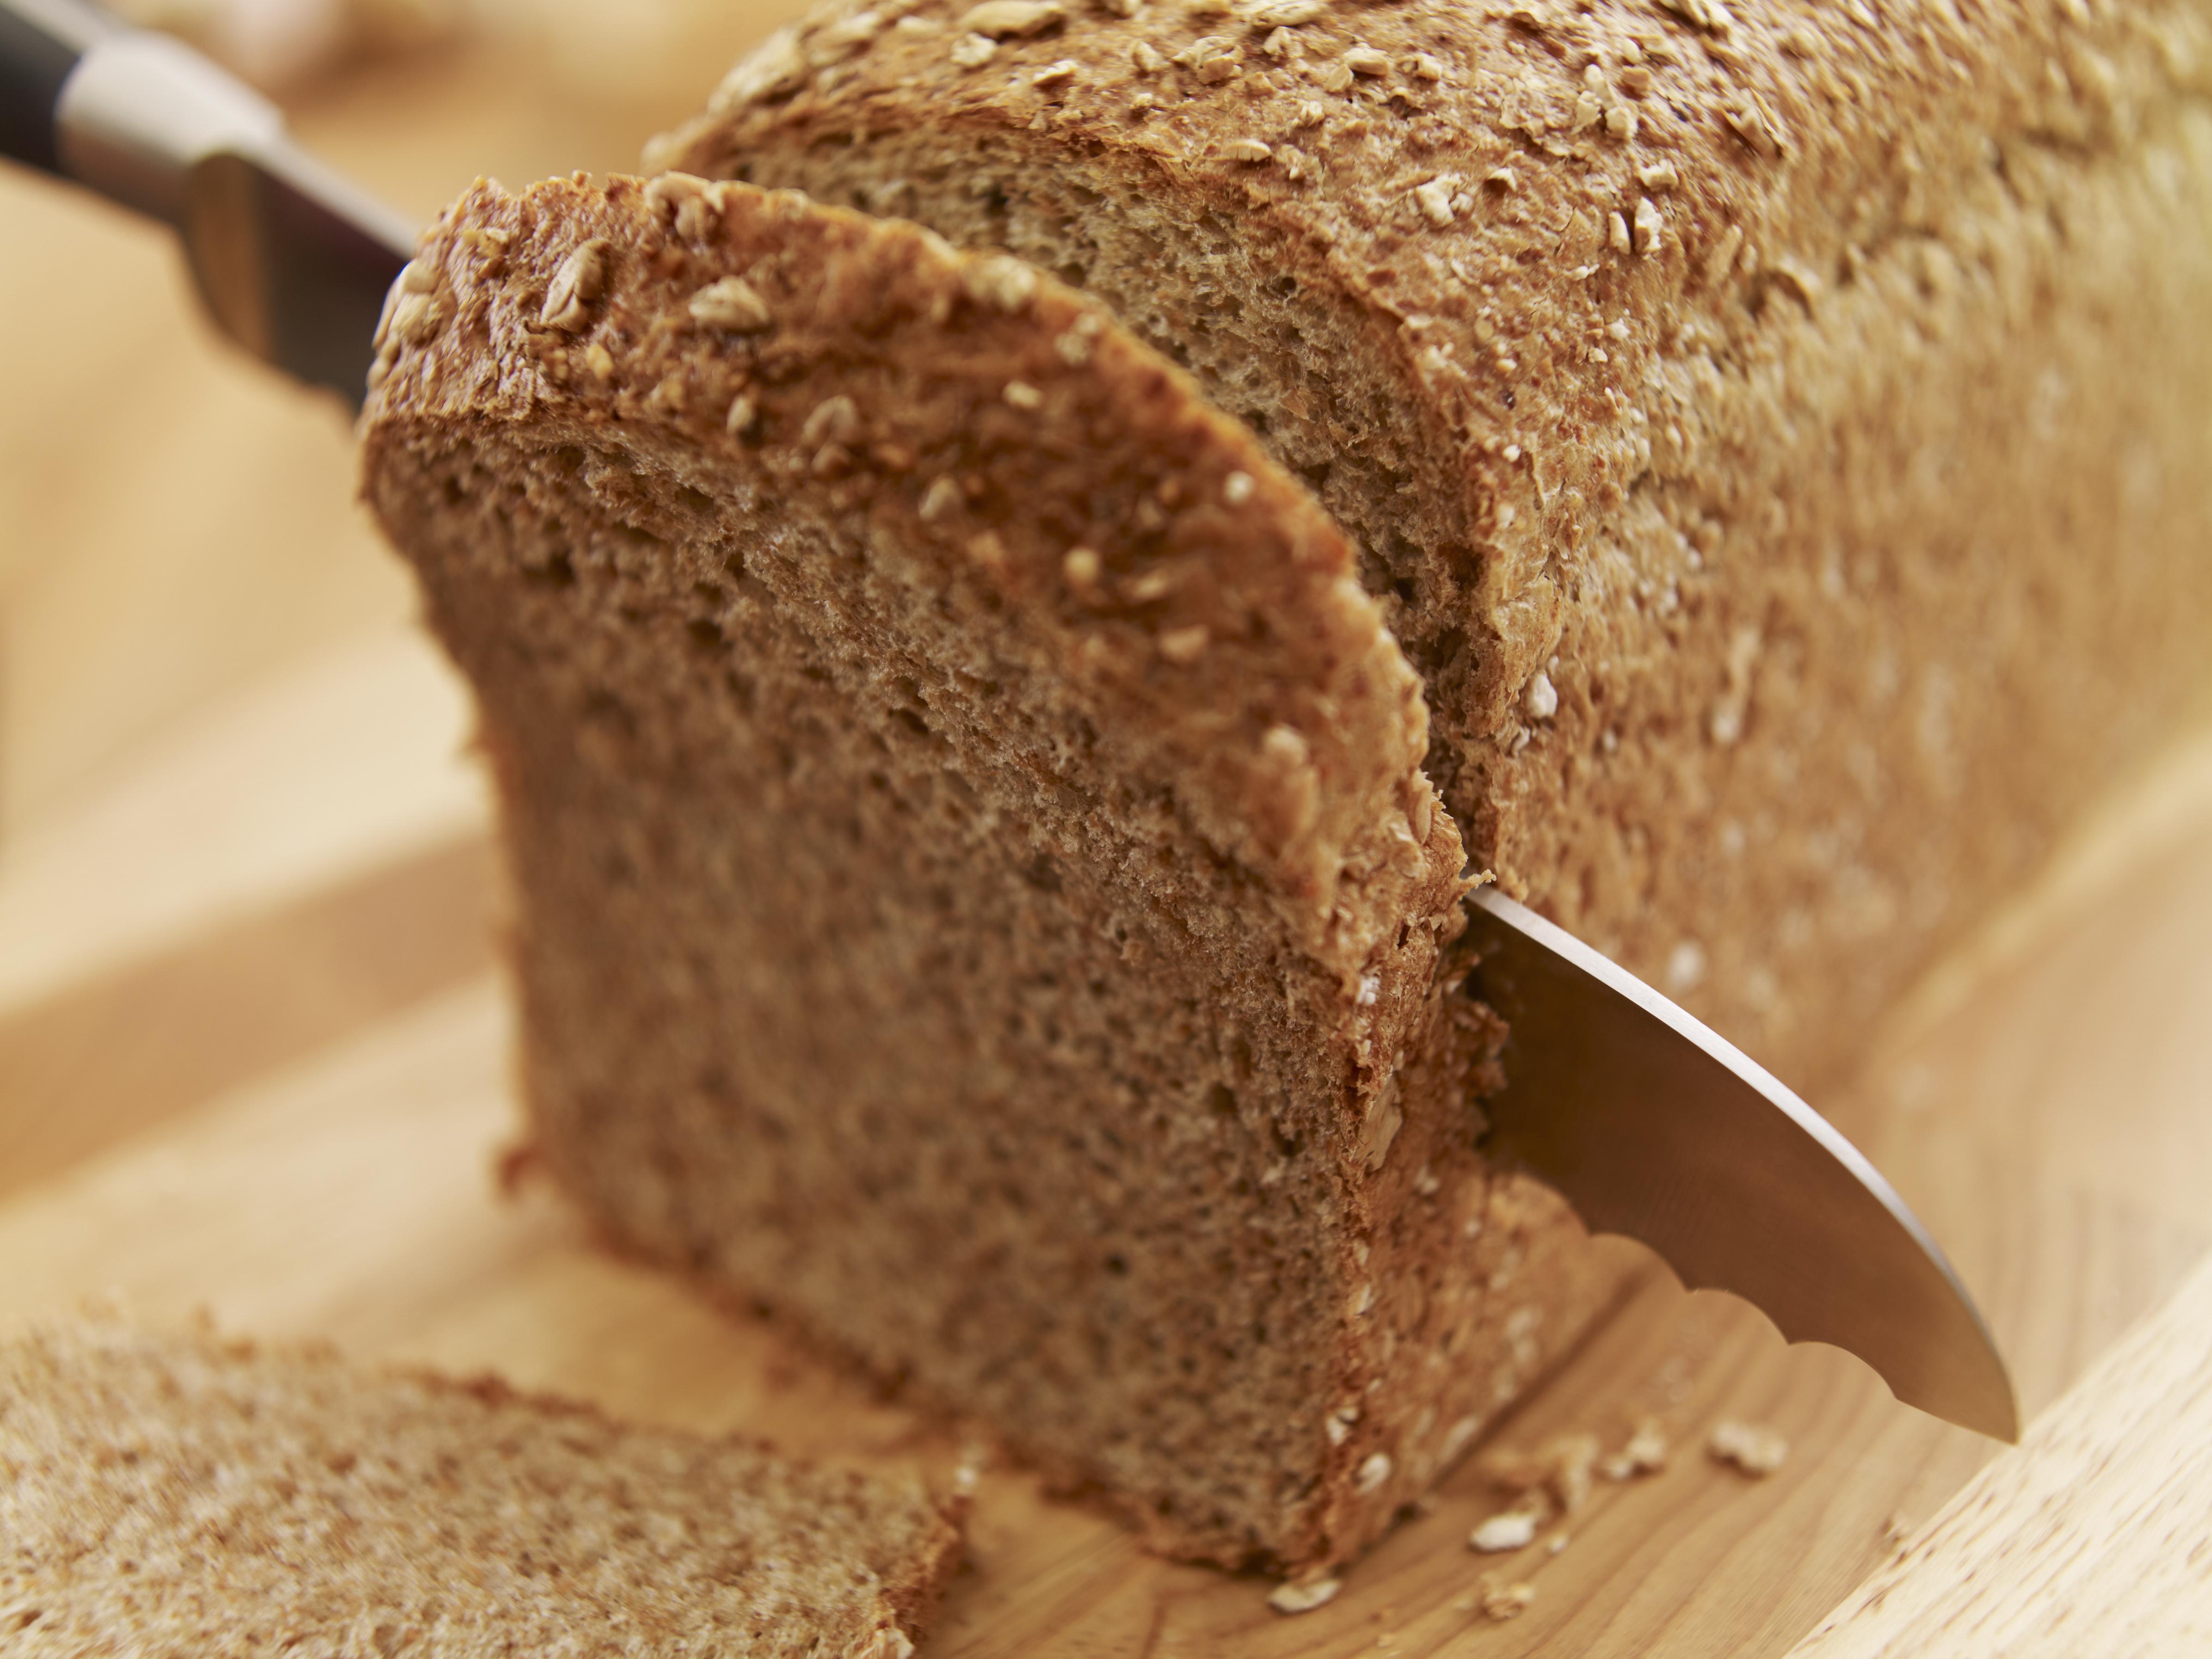 Knife slicing fresh bread loaf